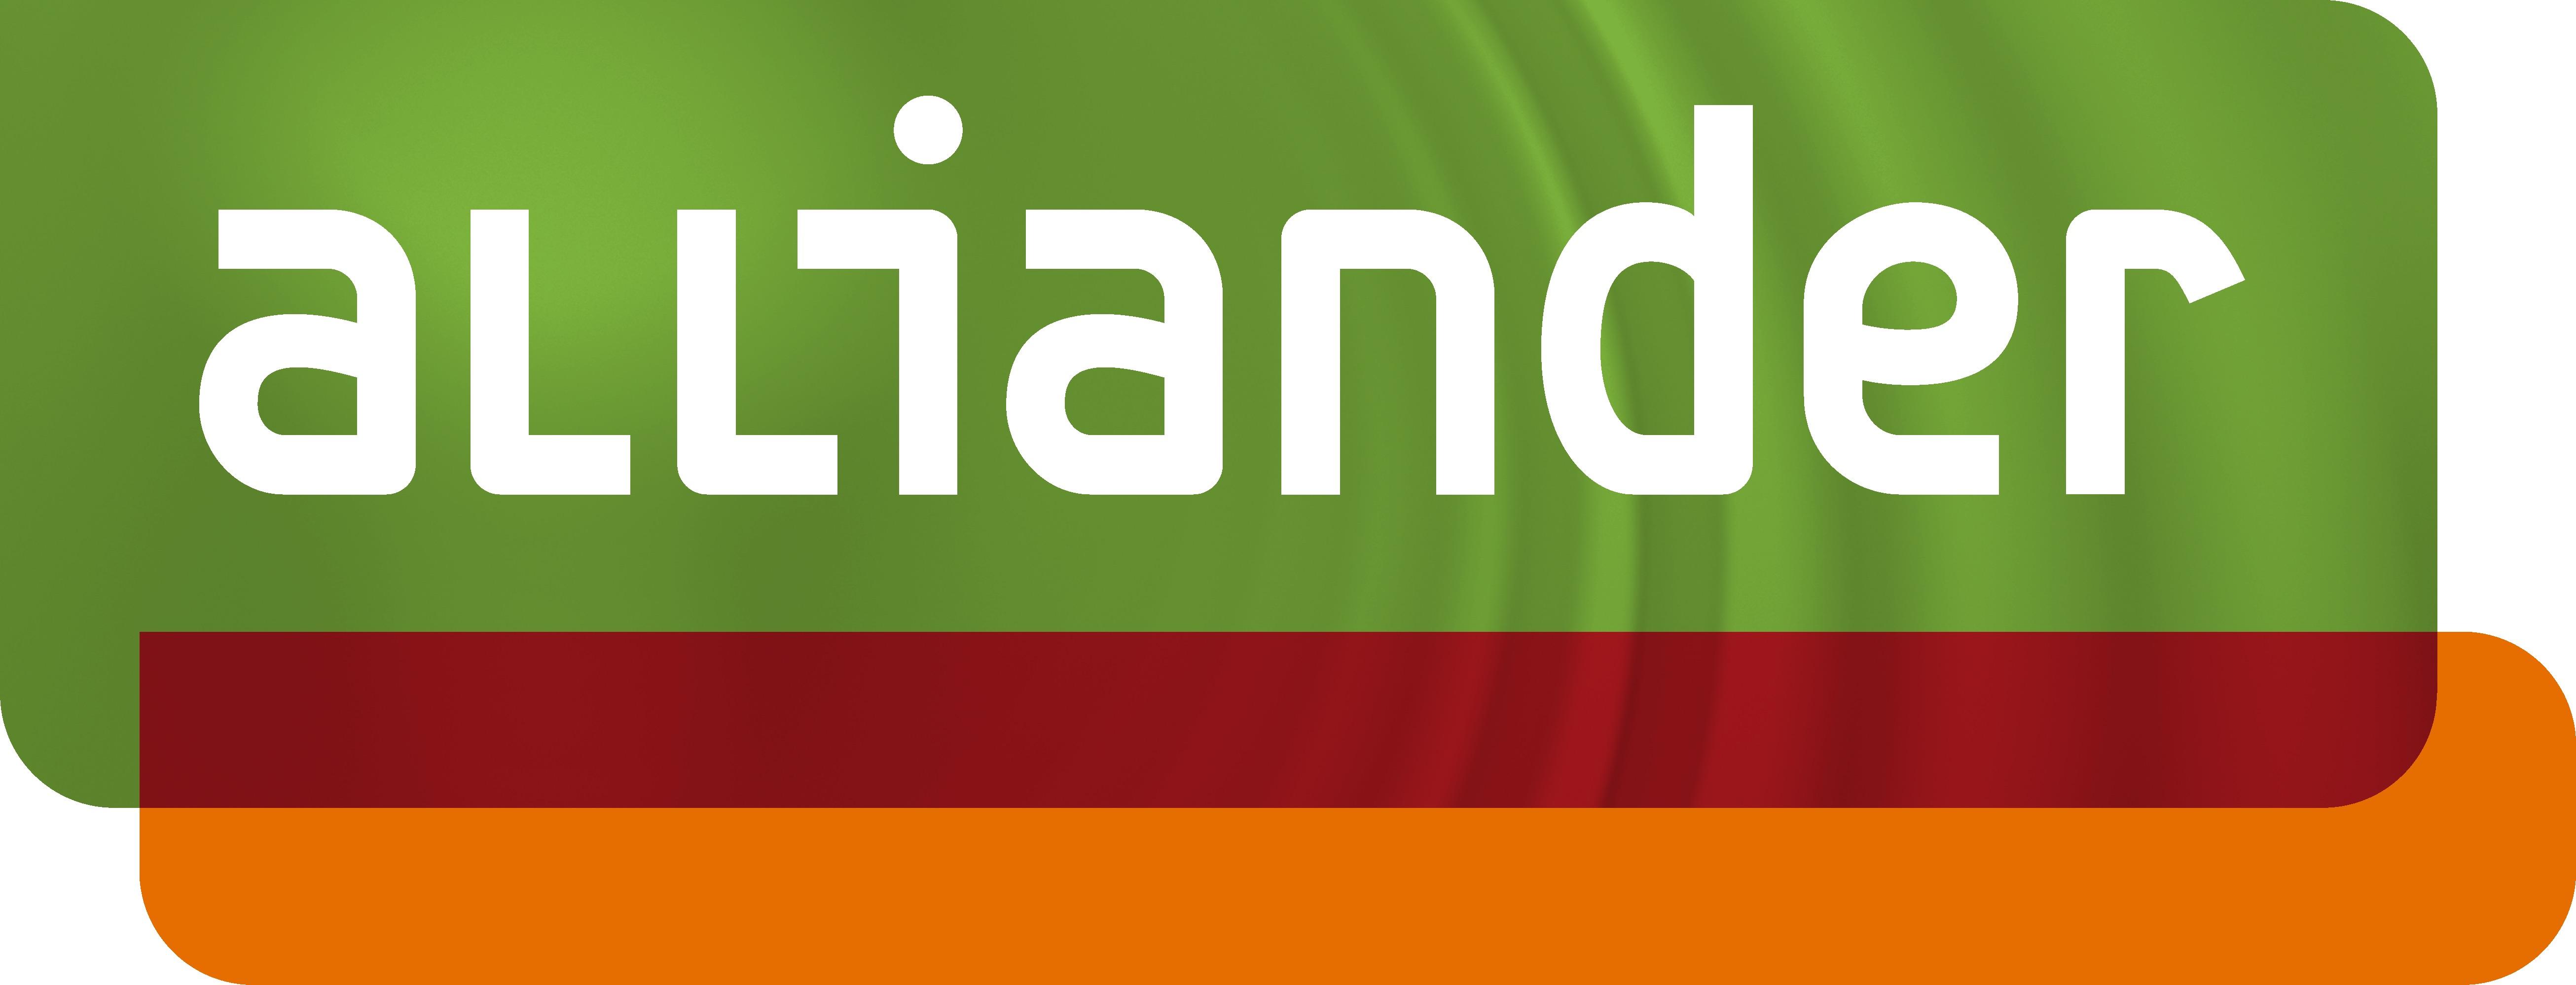 Alliander geeft opnieuw groene obligatie uit